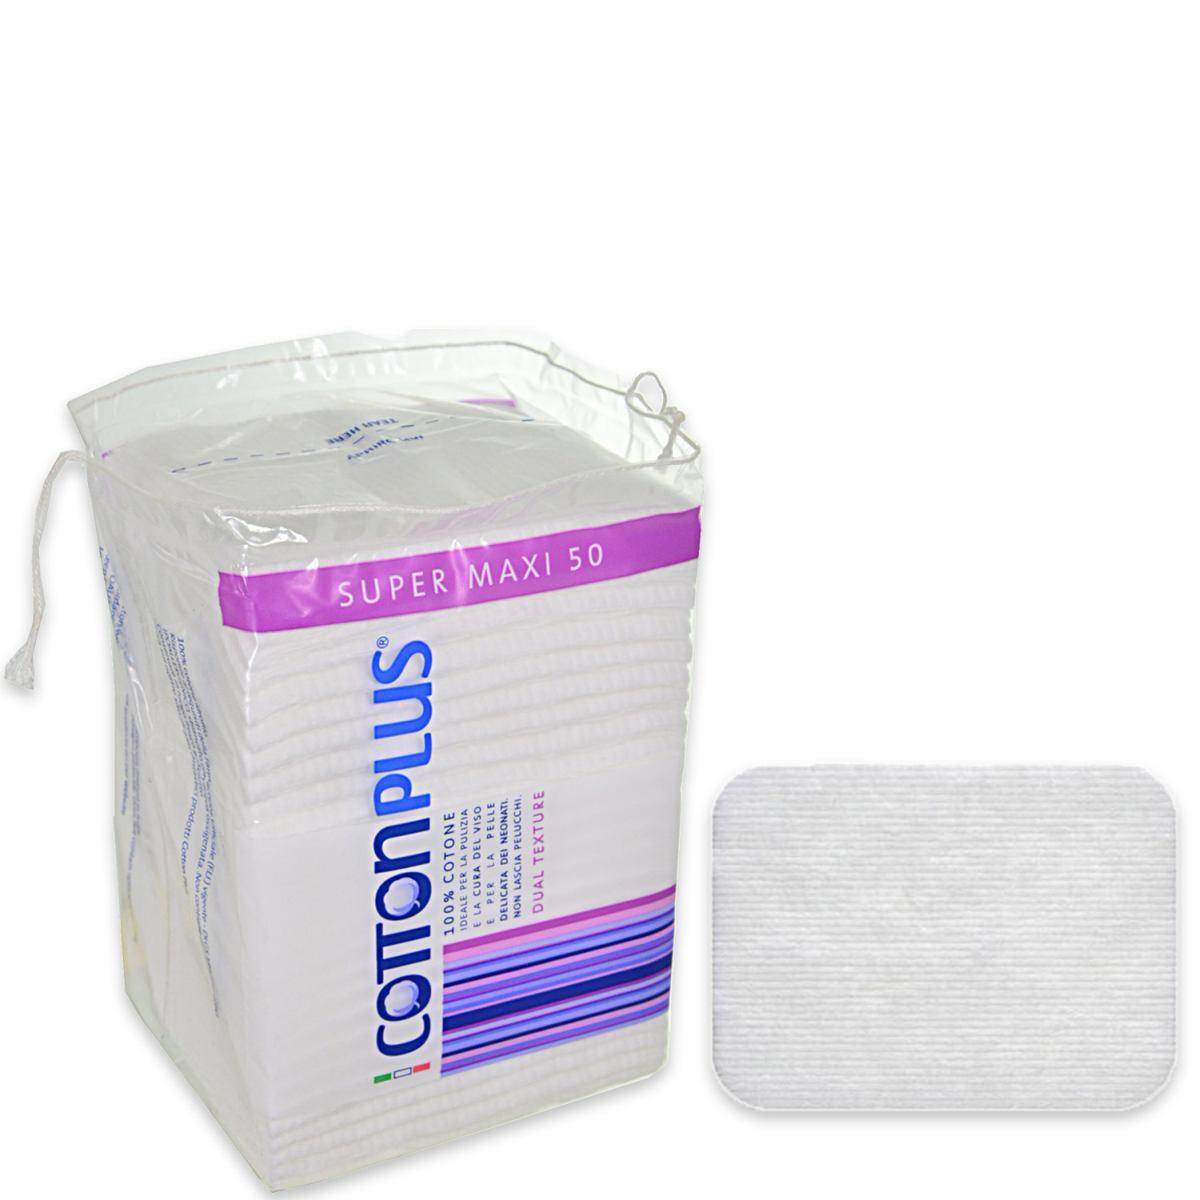 Image of Cotton Plus Dischetti Levatrucco Super Maxi 50 pz 8023546256320